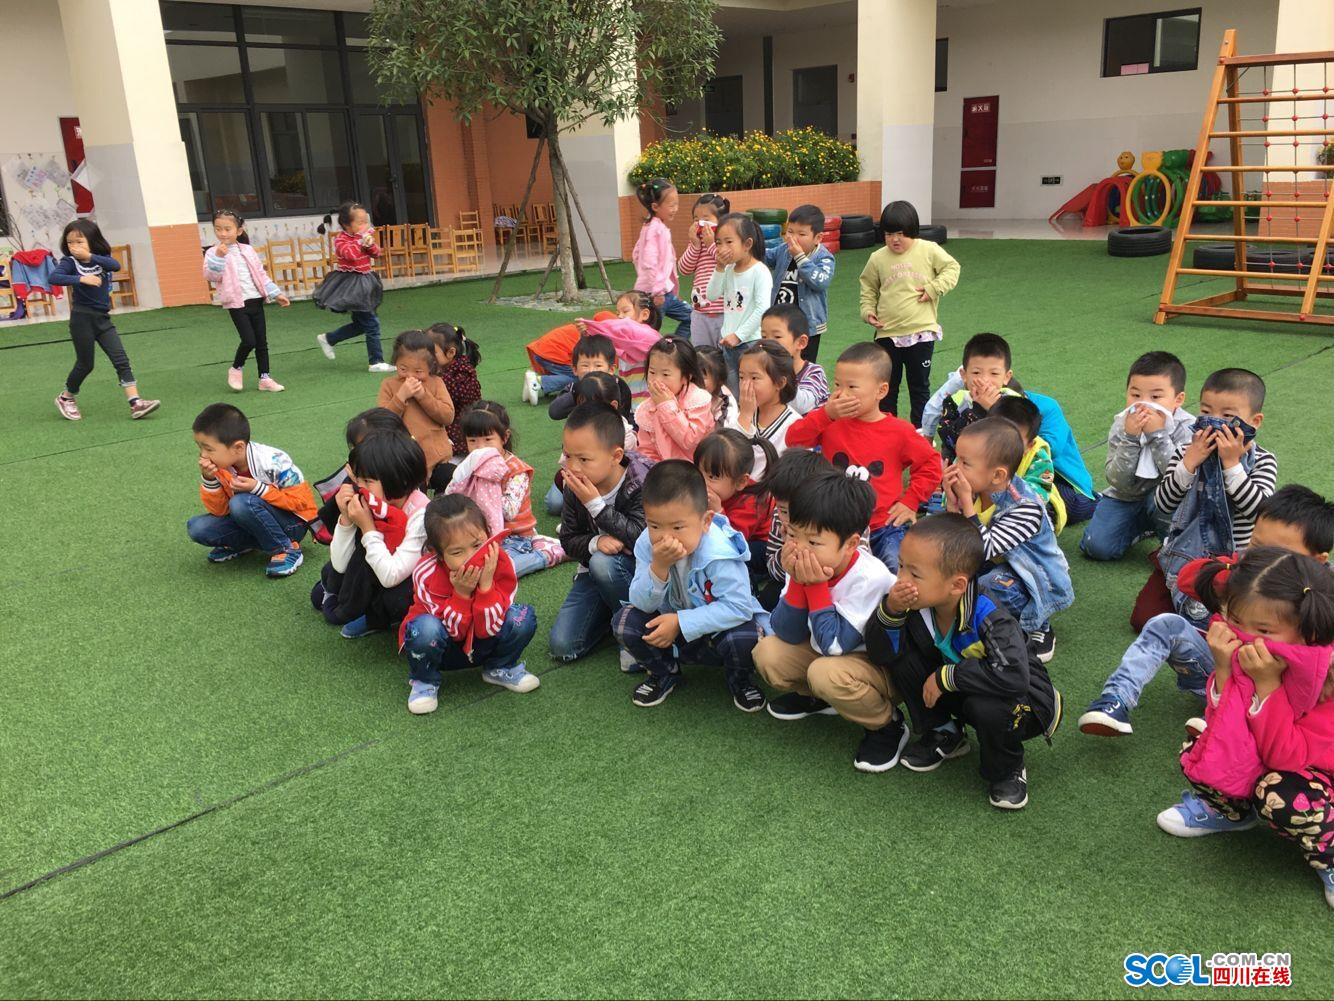 德阳市雅居乐泰山路小学幼儿园开展消防v小学五小学十字图片